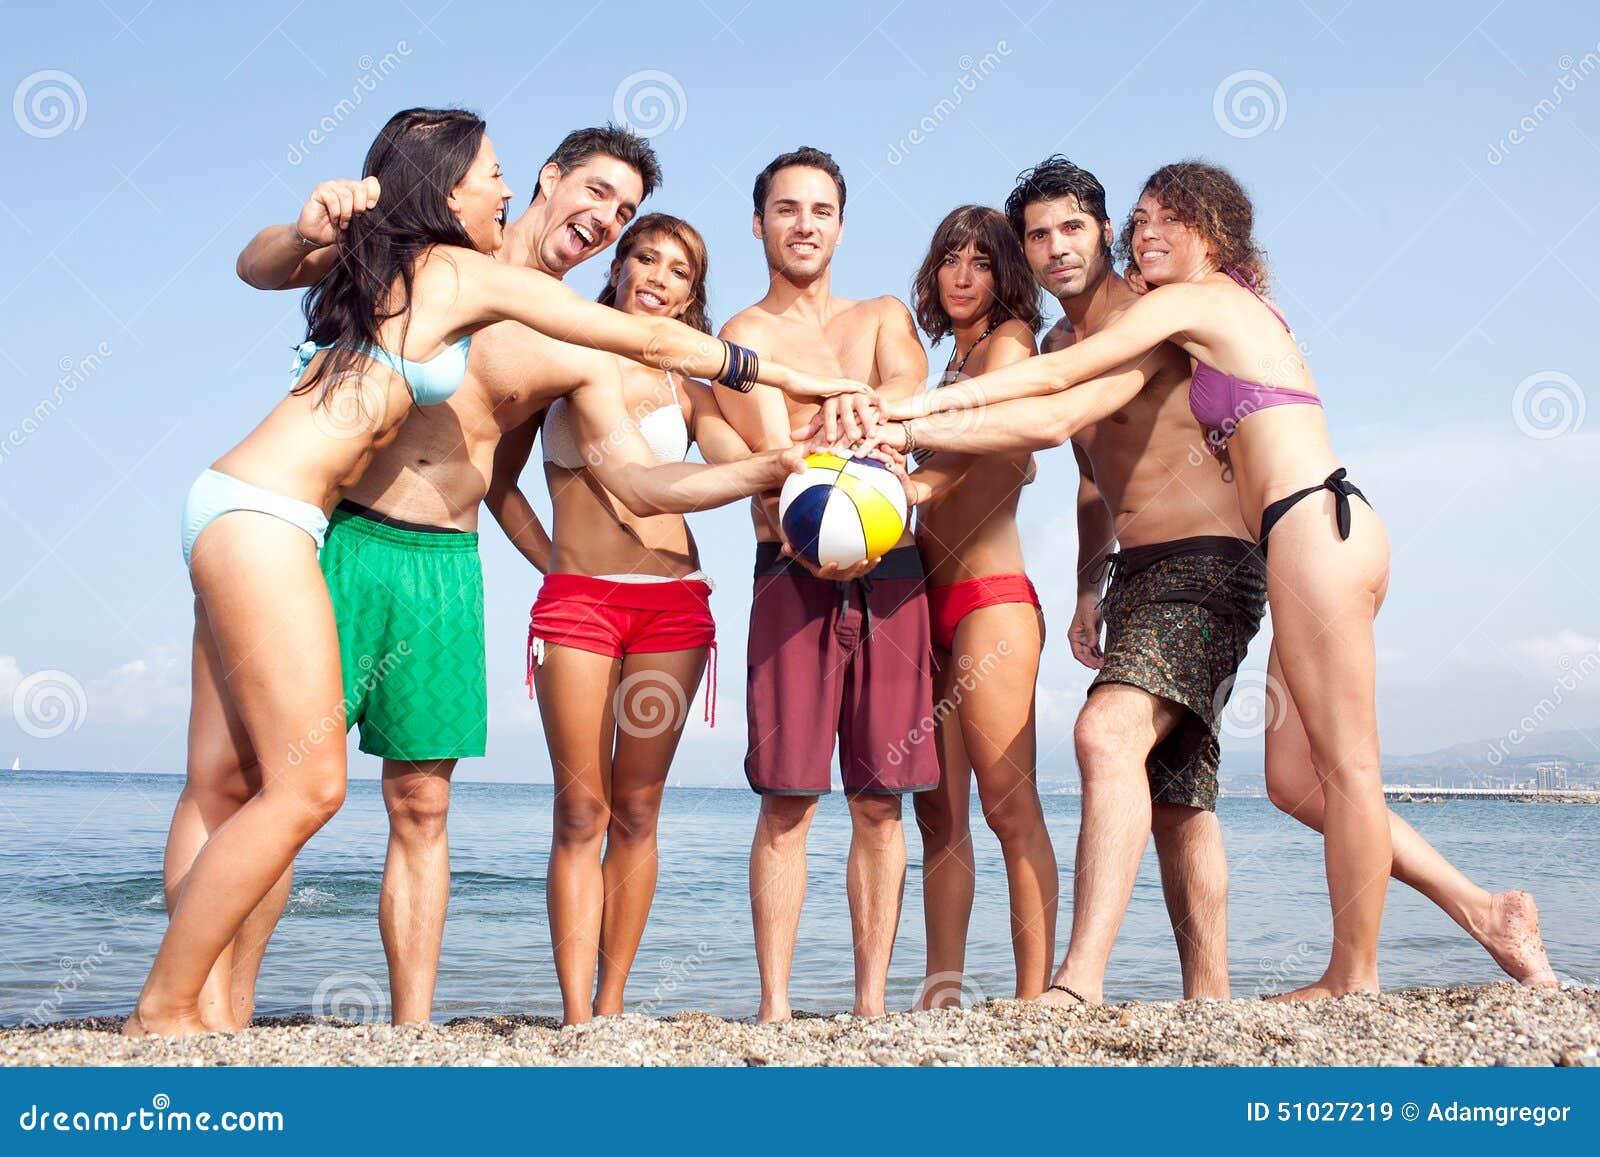 Сексуальные люди на пляже